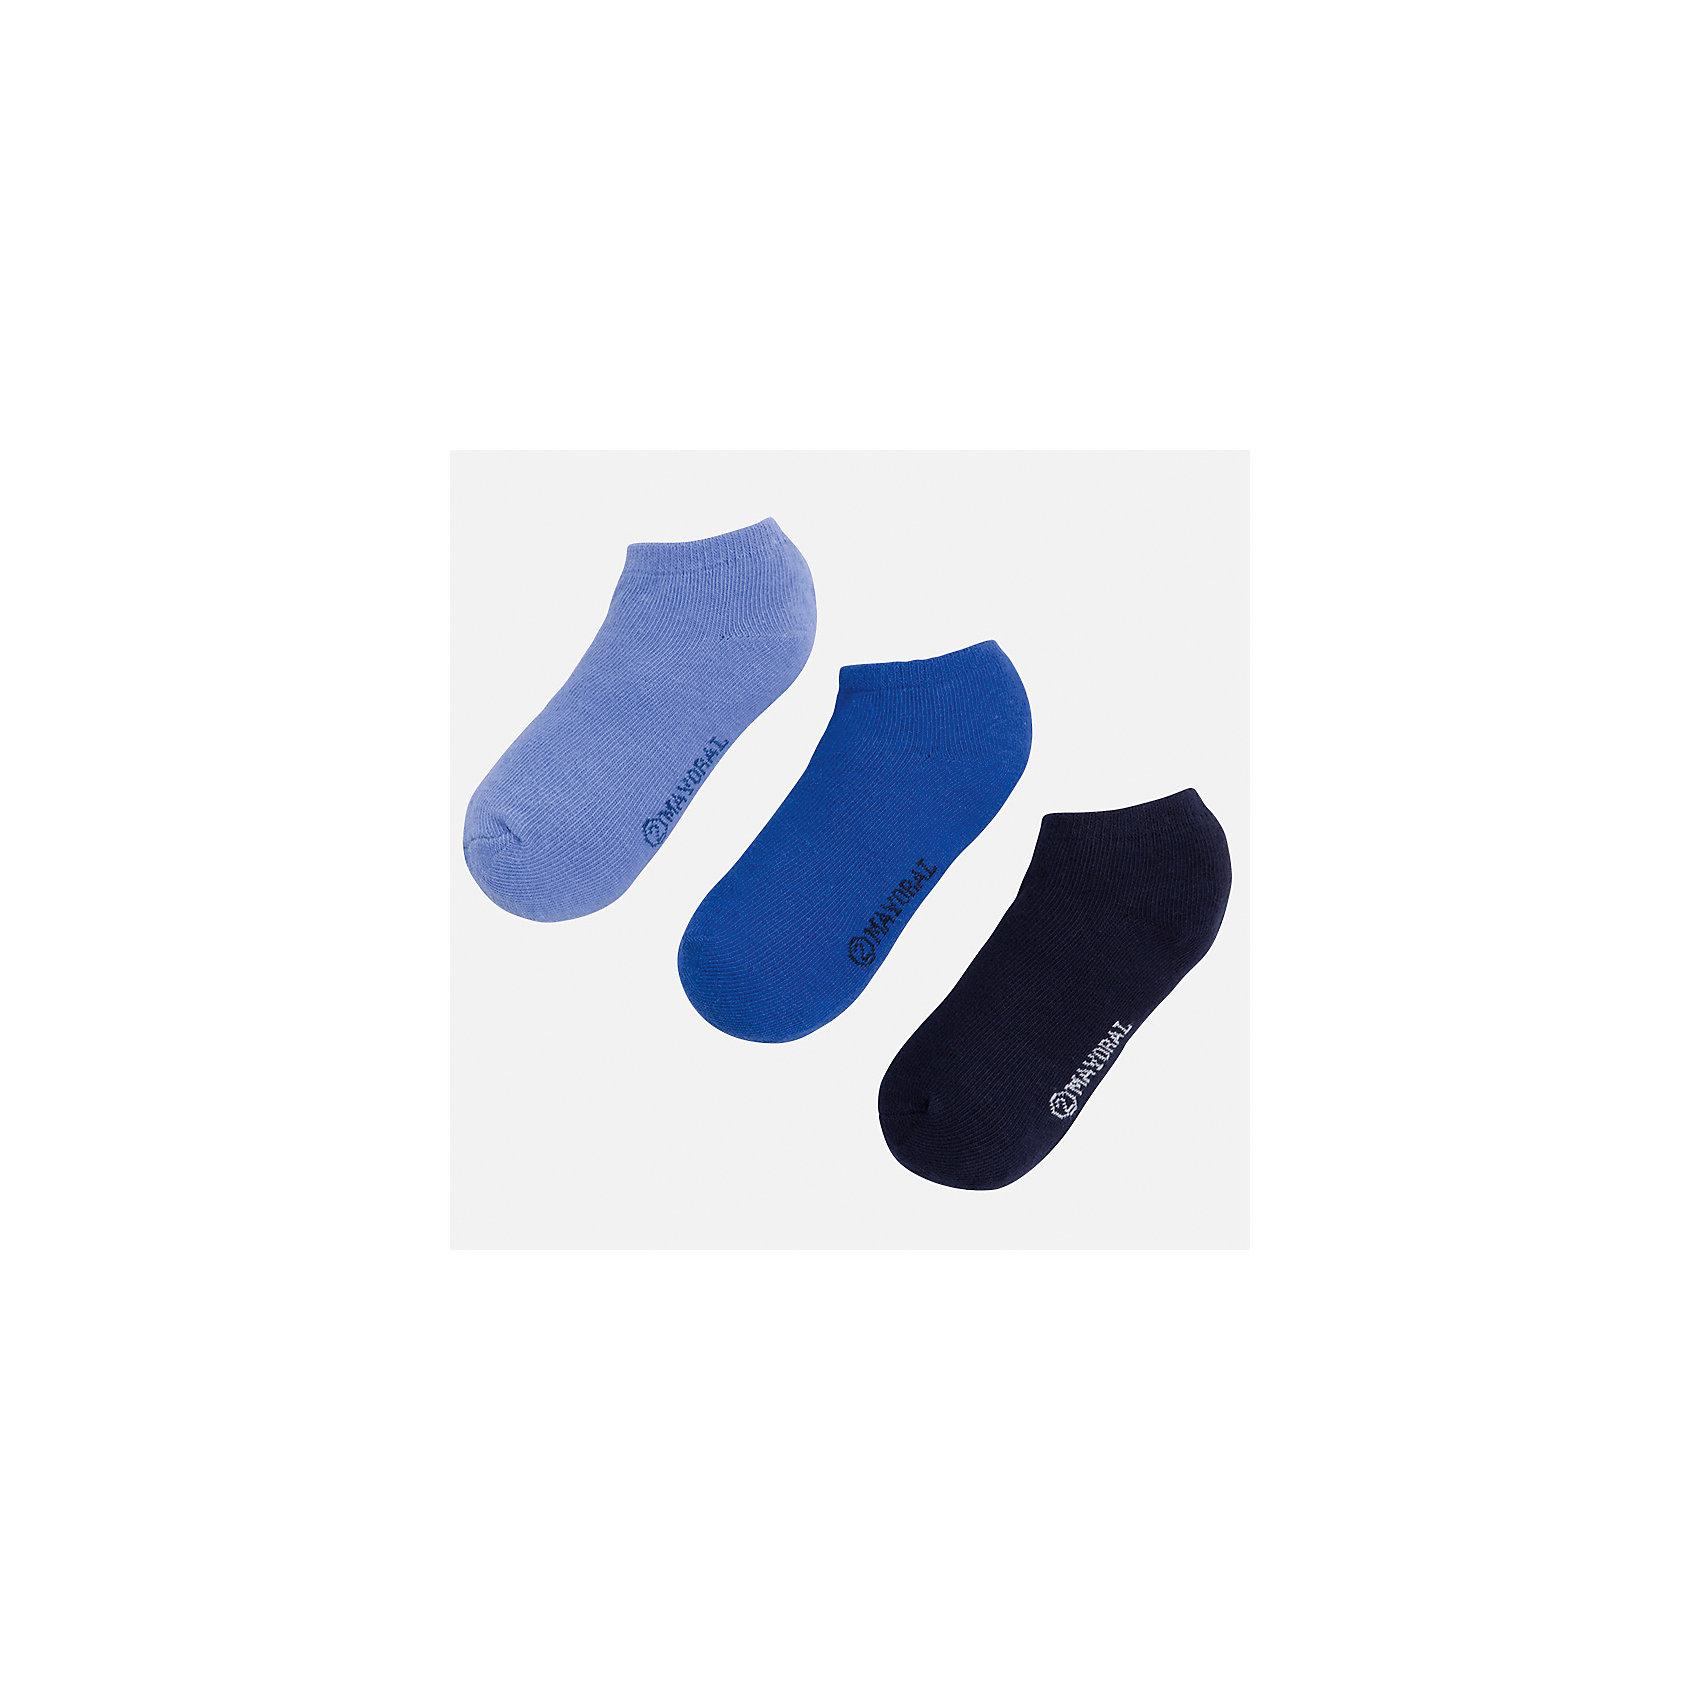 Носки для мальчика MayoralНоски<br>Характеристики товара:<br><br>• цвет: голубой/синий/темно-синий<br>• состав: 72% хлопок, 25% полиамид, 3% эластан<br>• комплектация: три пары<br>• мягкая резинка<br>• эластичный материал<br>• однотонные<br>• страна бренда: Испания<br><br>Удобные симпатичные носки для мальчика помогут обеспечить ребенку комфорт и дополнить наряд. Универсальный цвет позволяет надевать их под обувь разных расцветок. Носки удобно сидят на ноге и аккуратно смотрятся. Этот комплект - практичный и красивый! В составе материала - натуральный хлопок, гипоаллергенный, приятный на ощупь, дышащий. <br><br>Одежда, обувь и аксессуары от испанского бренда Mayoral полюбились детям и взрослым по всему миру. Модели этой марки - стильные и удобные. Для их производства используются только безопасные, качественные материалы и фурнитура. Порадуйте ребенка модными и красивыми вещами от Mayoral! <br><br>Носки (3 пары) для мальчика от испанского бренда Mayoral (Майорал) можно купить в нашем интернет-магазине.<br><br>Ширина мм: 87<br>Глубина мм: 10<br>Высота мм: 105<br>Вес г: 115<br>Цвет: белый<br>Возраст от месяцев: 72<br>Возраст до месяцев: 96<br>Пол: Мужской<br>Возраст: Детский<br>Размер: 8,2,4,6<br>SKU: 5294392